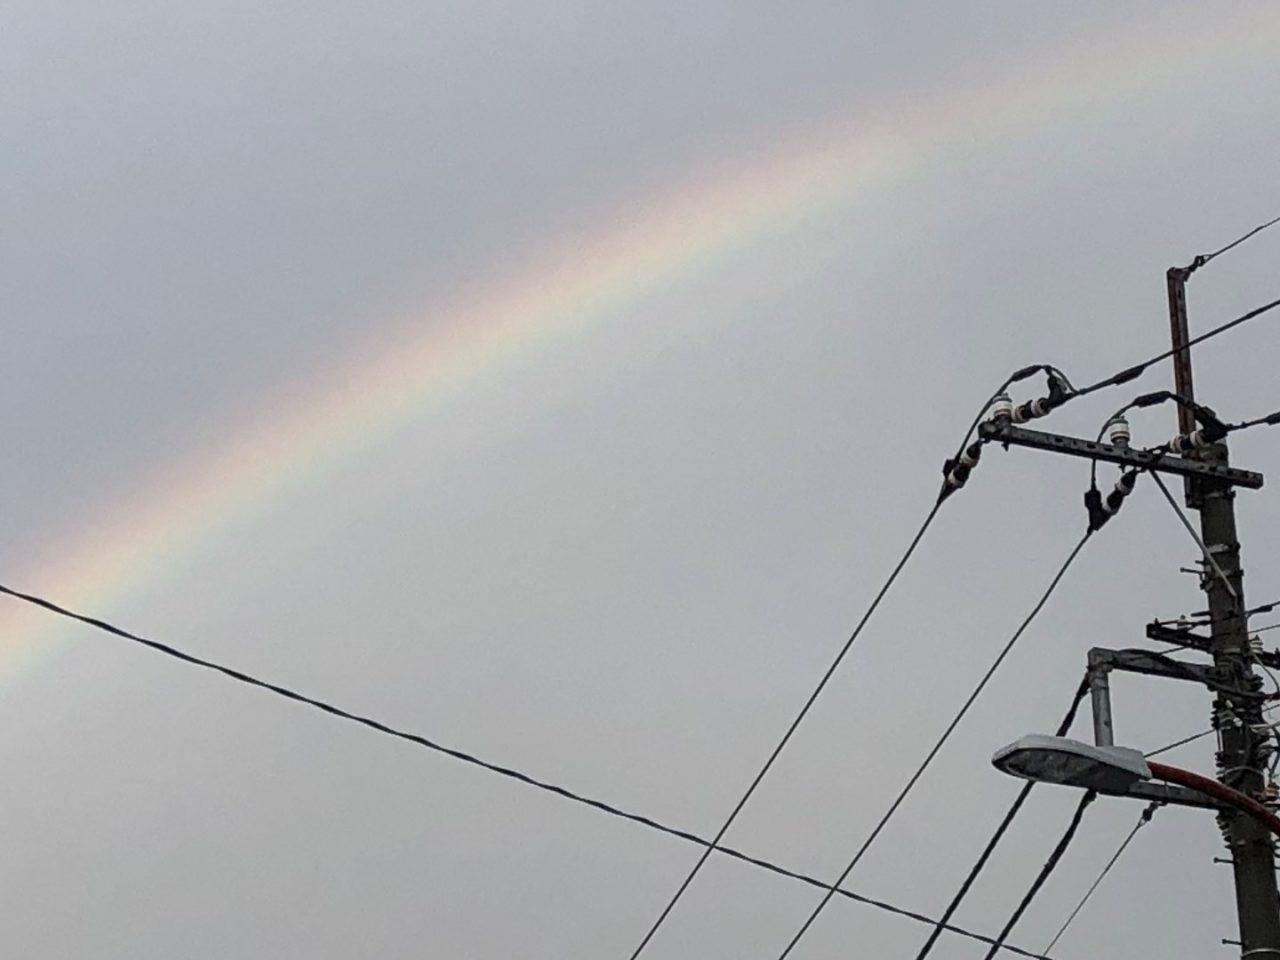 雨の合間に出た虹